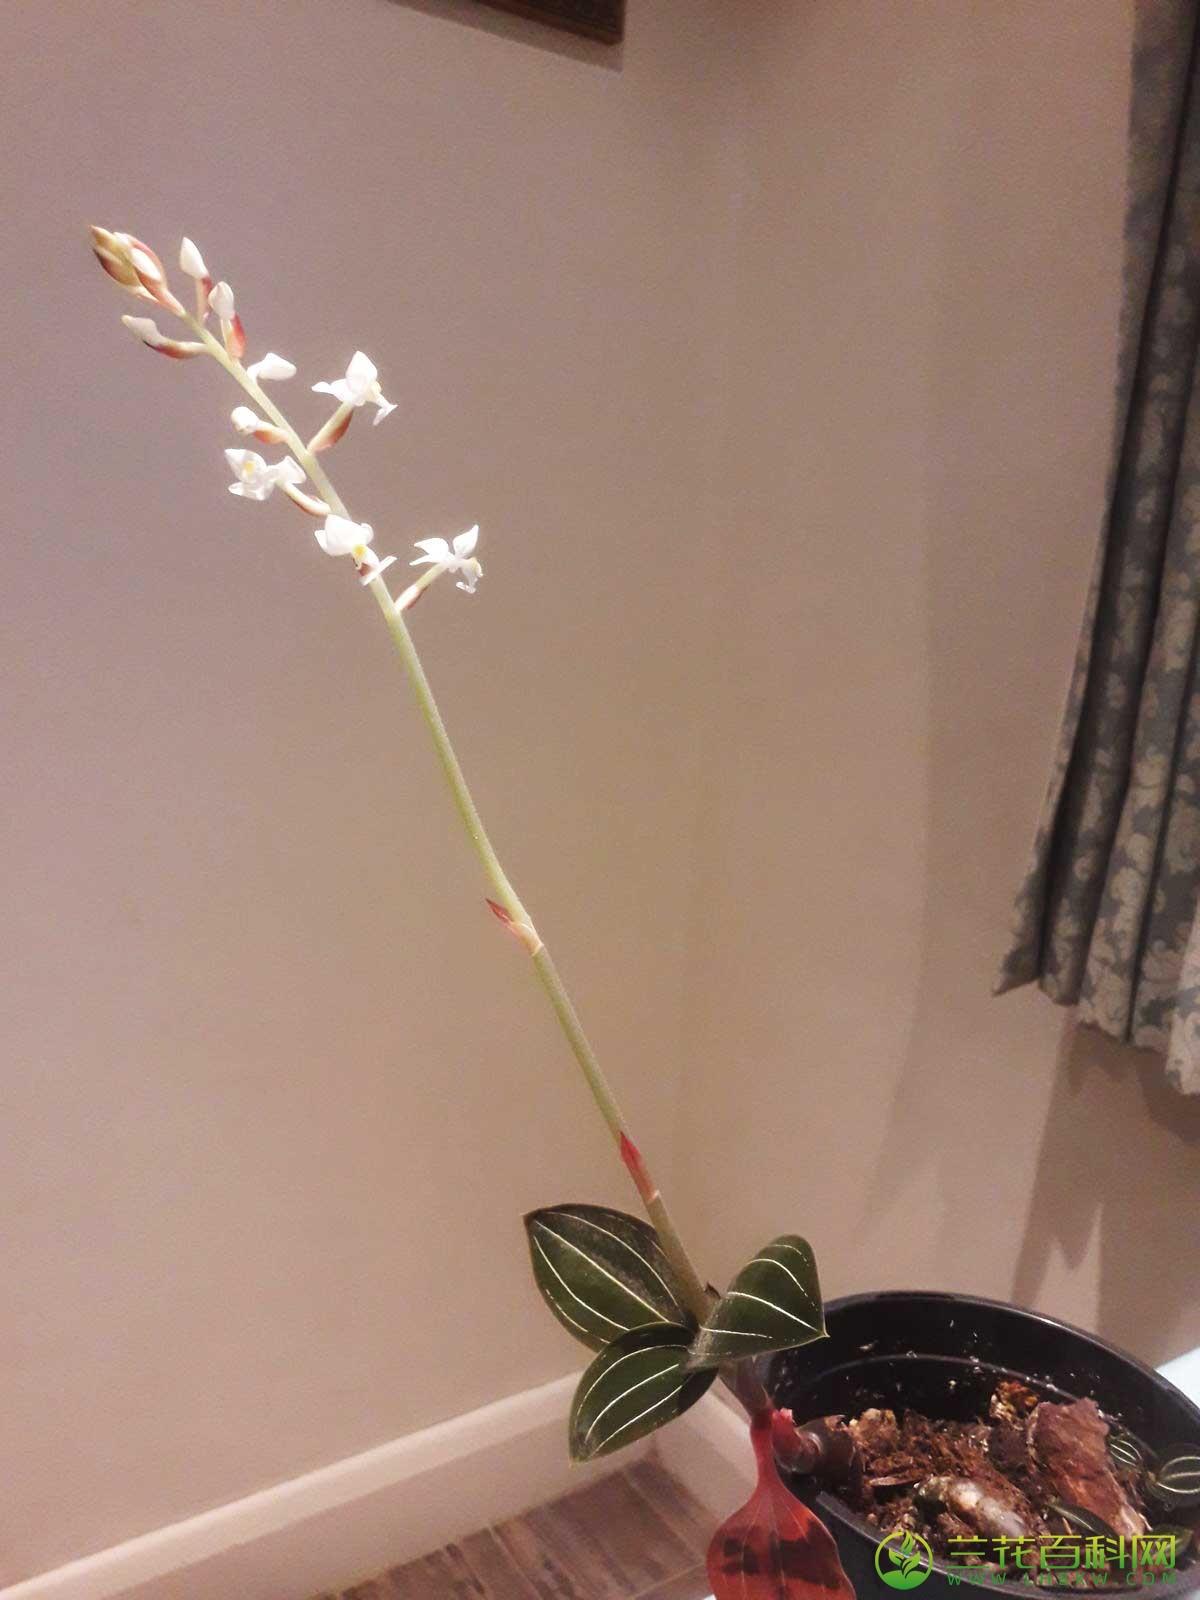 血叶兰属Ludisia A. Rich.